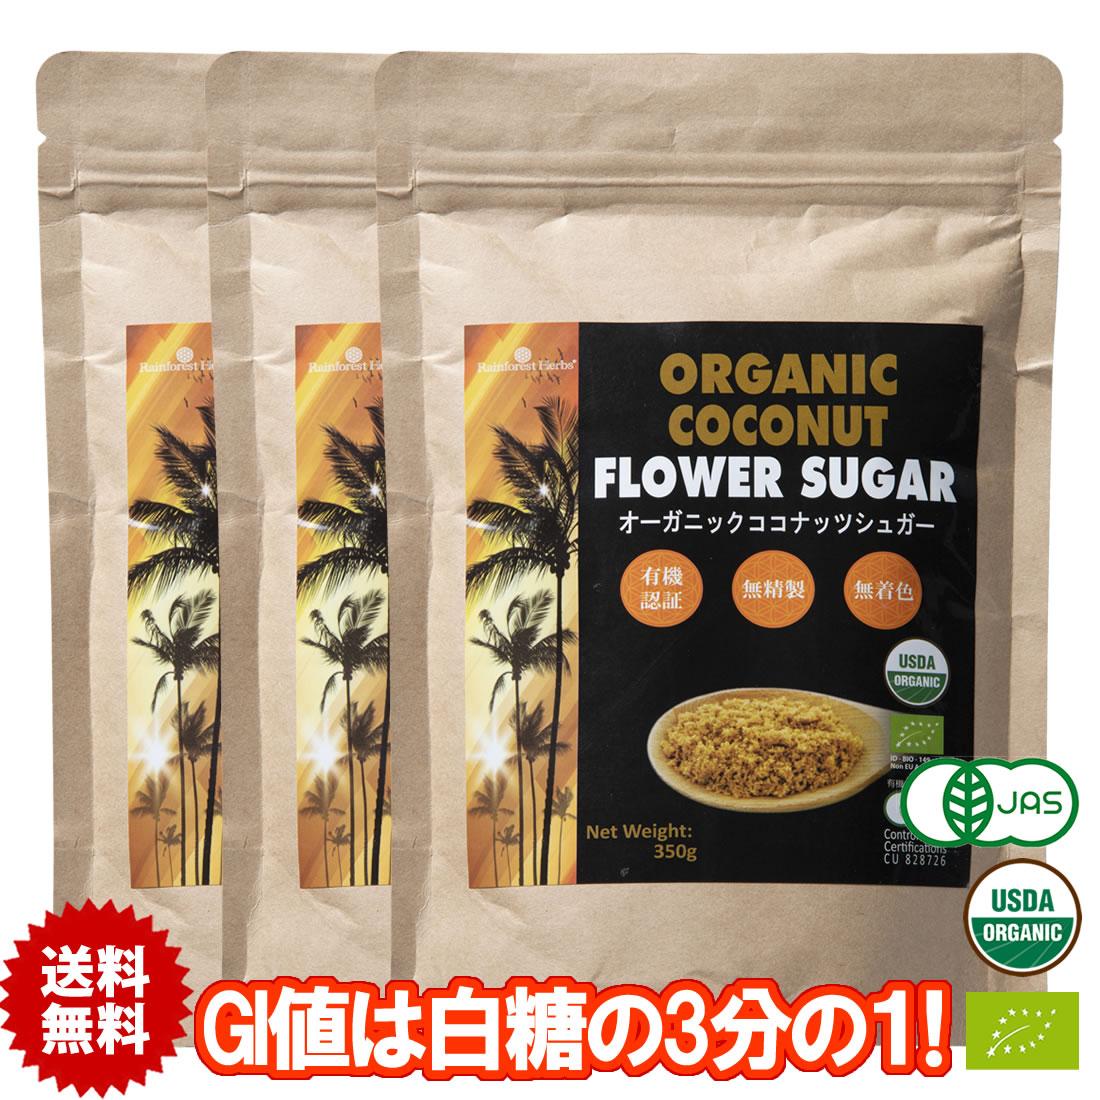 有機JASオーガニック ココナッツシュガー 350g 3袋 低GI食品 低糖質 糖質は白砂糖の3分の1 送料無料 Organic coconut sugar